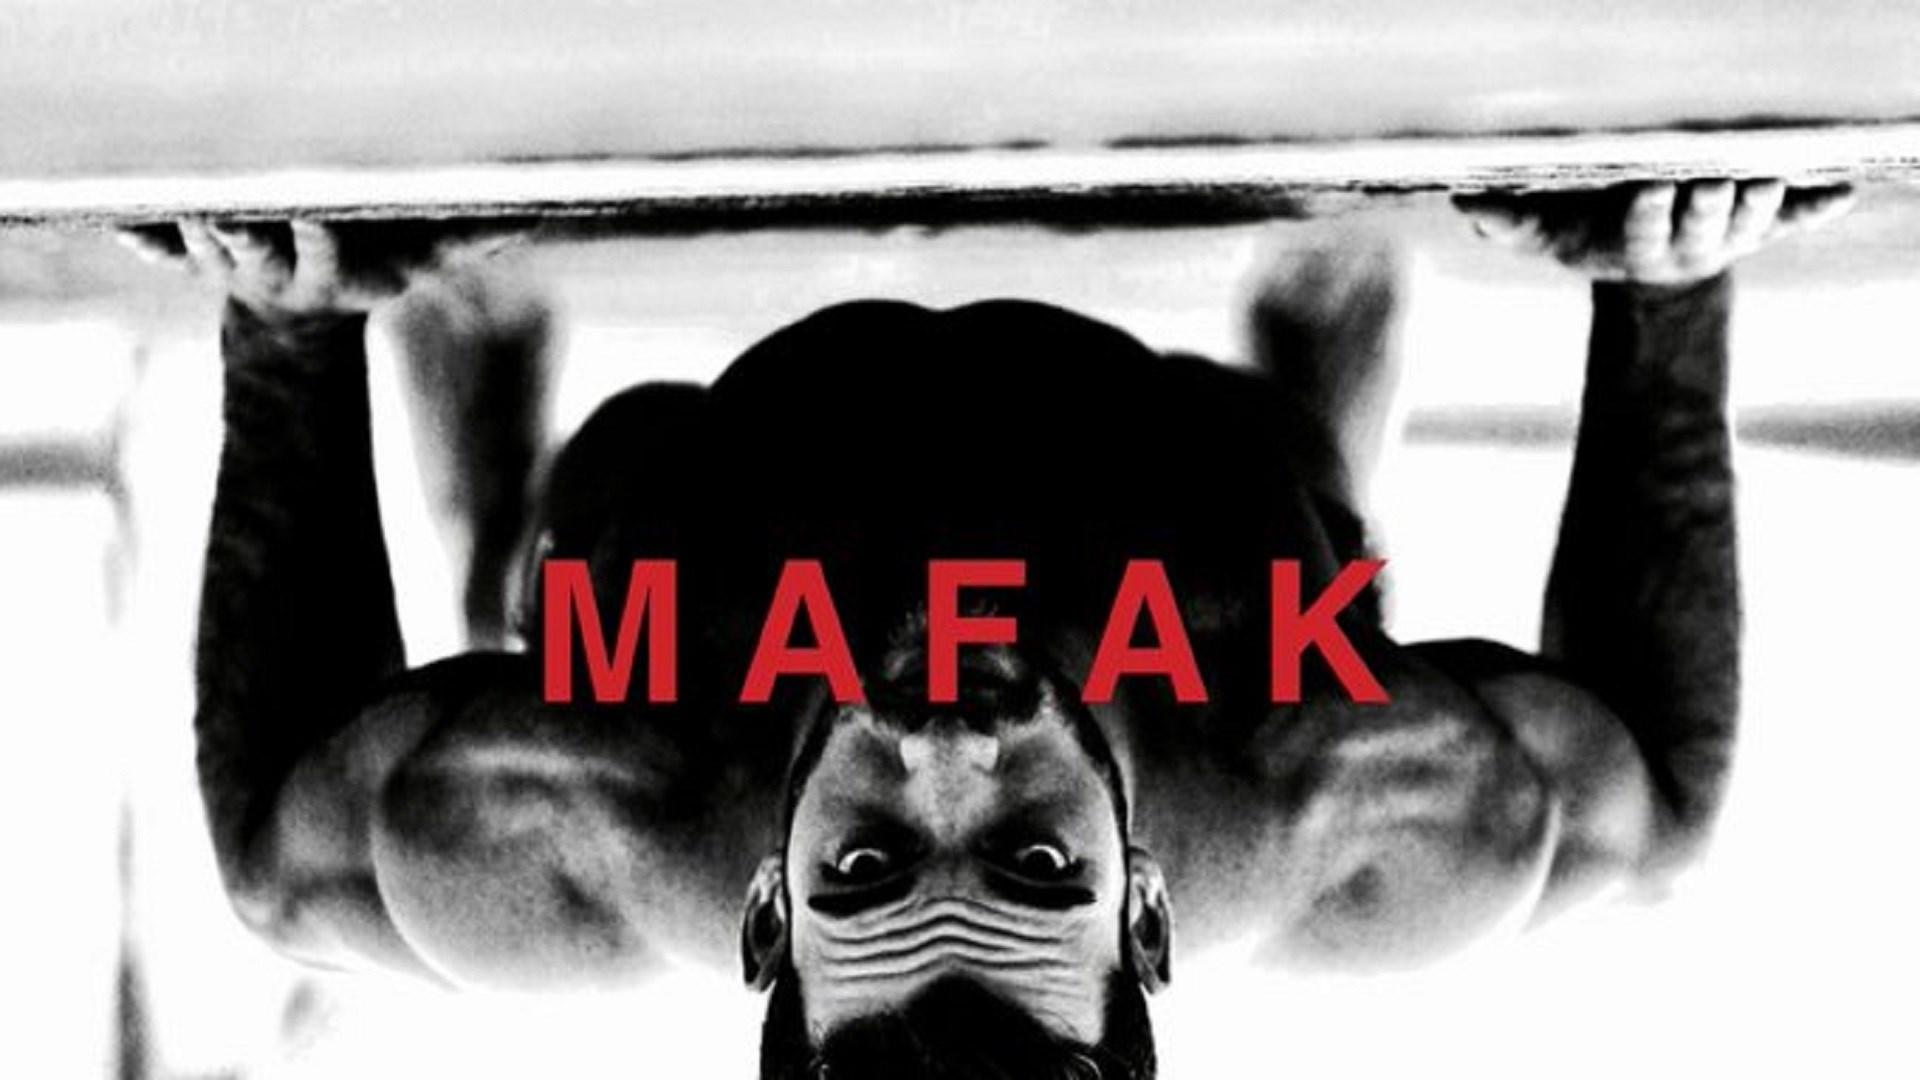 ملصق الفيلم الفلسطيني : مفك.